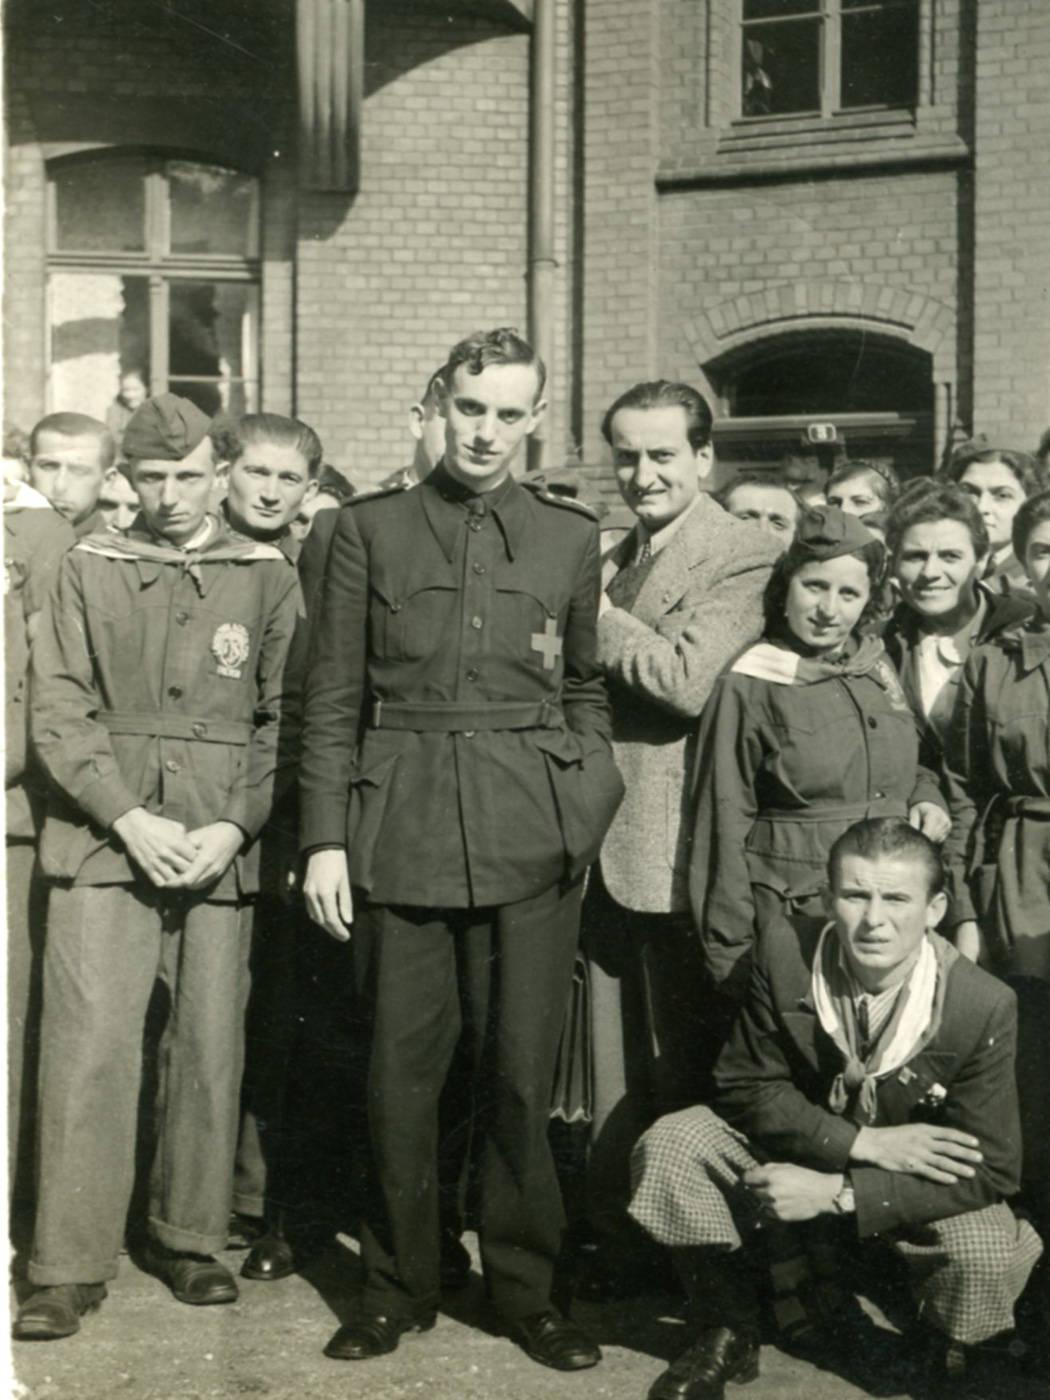 DON ANGELO COCCONCELLI CON LA DIVISA DA PARROCO MILITARE ARCHIVIO PARROCCHIA SAN PELLEGRINO, SLESIA TEDESCA 1940